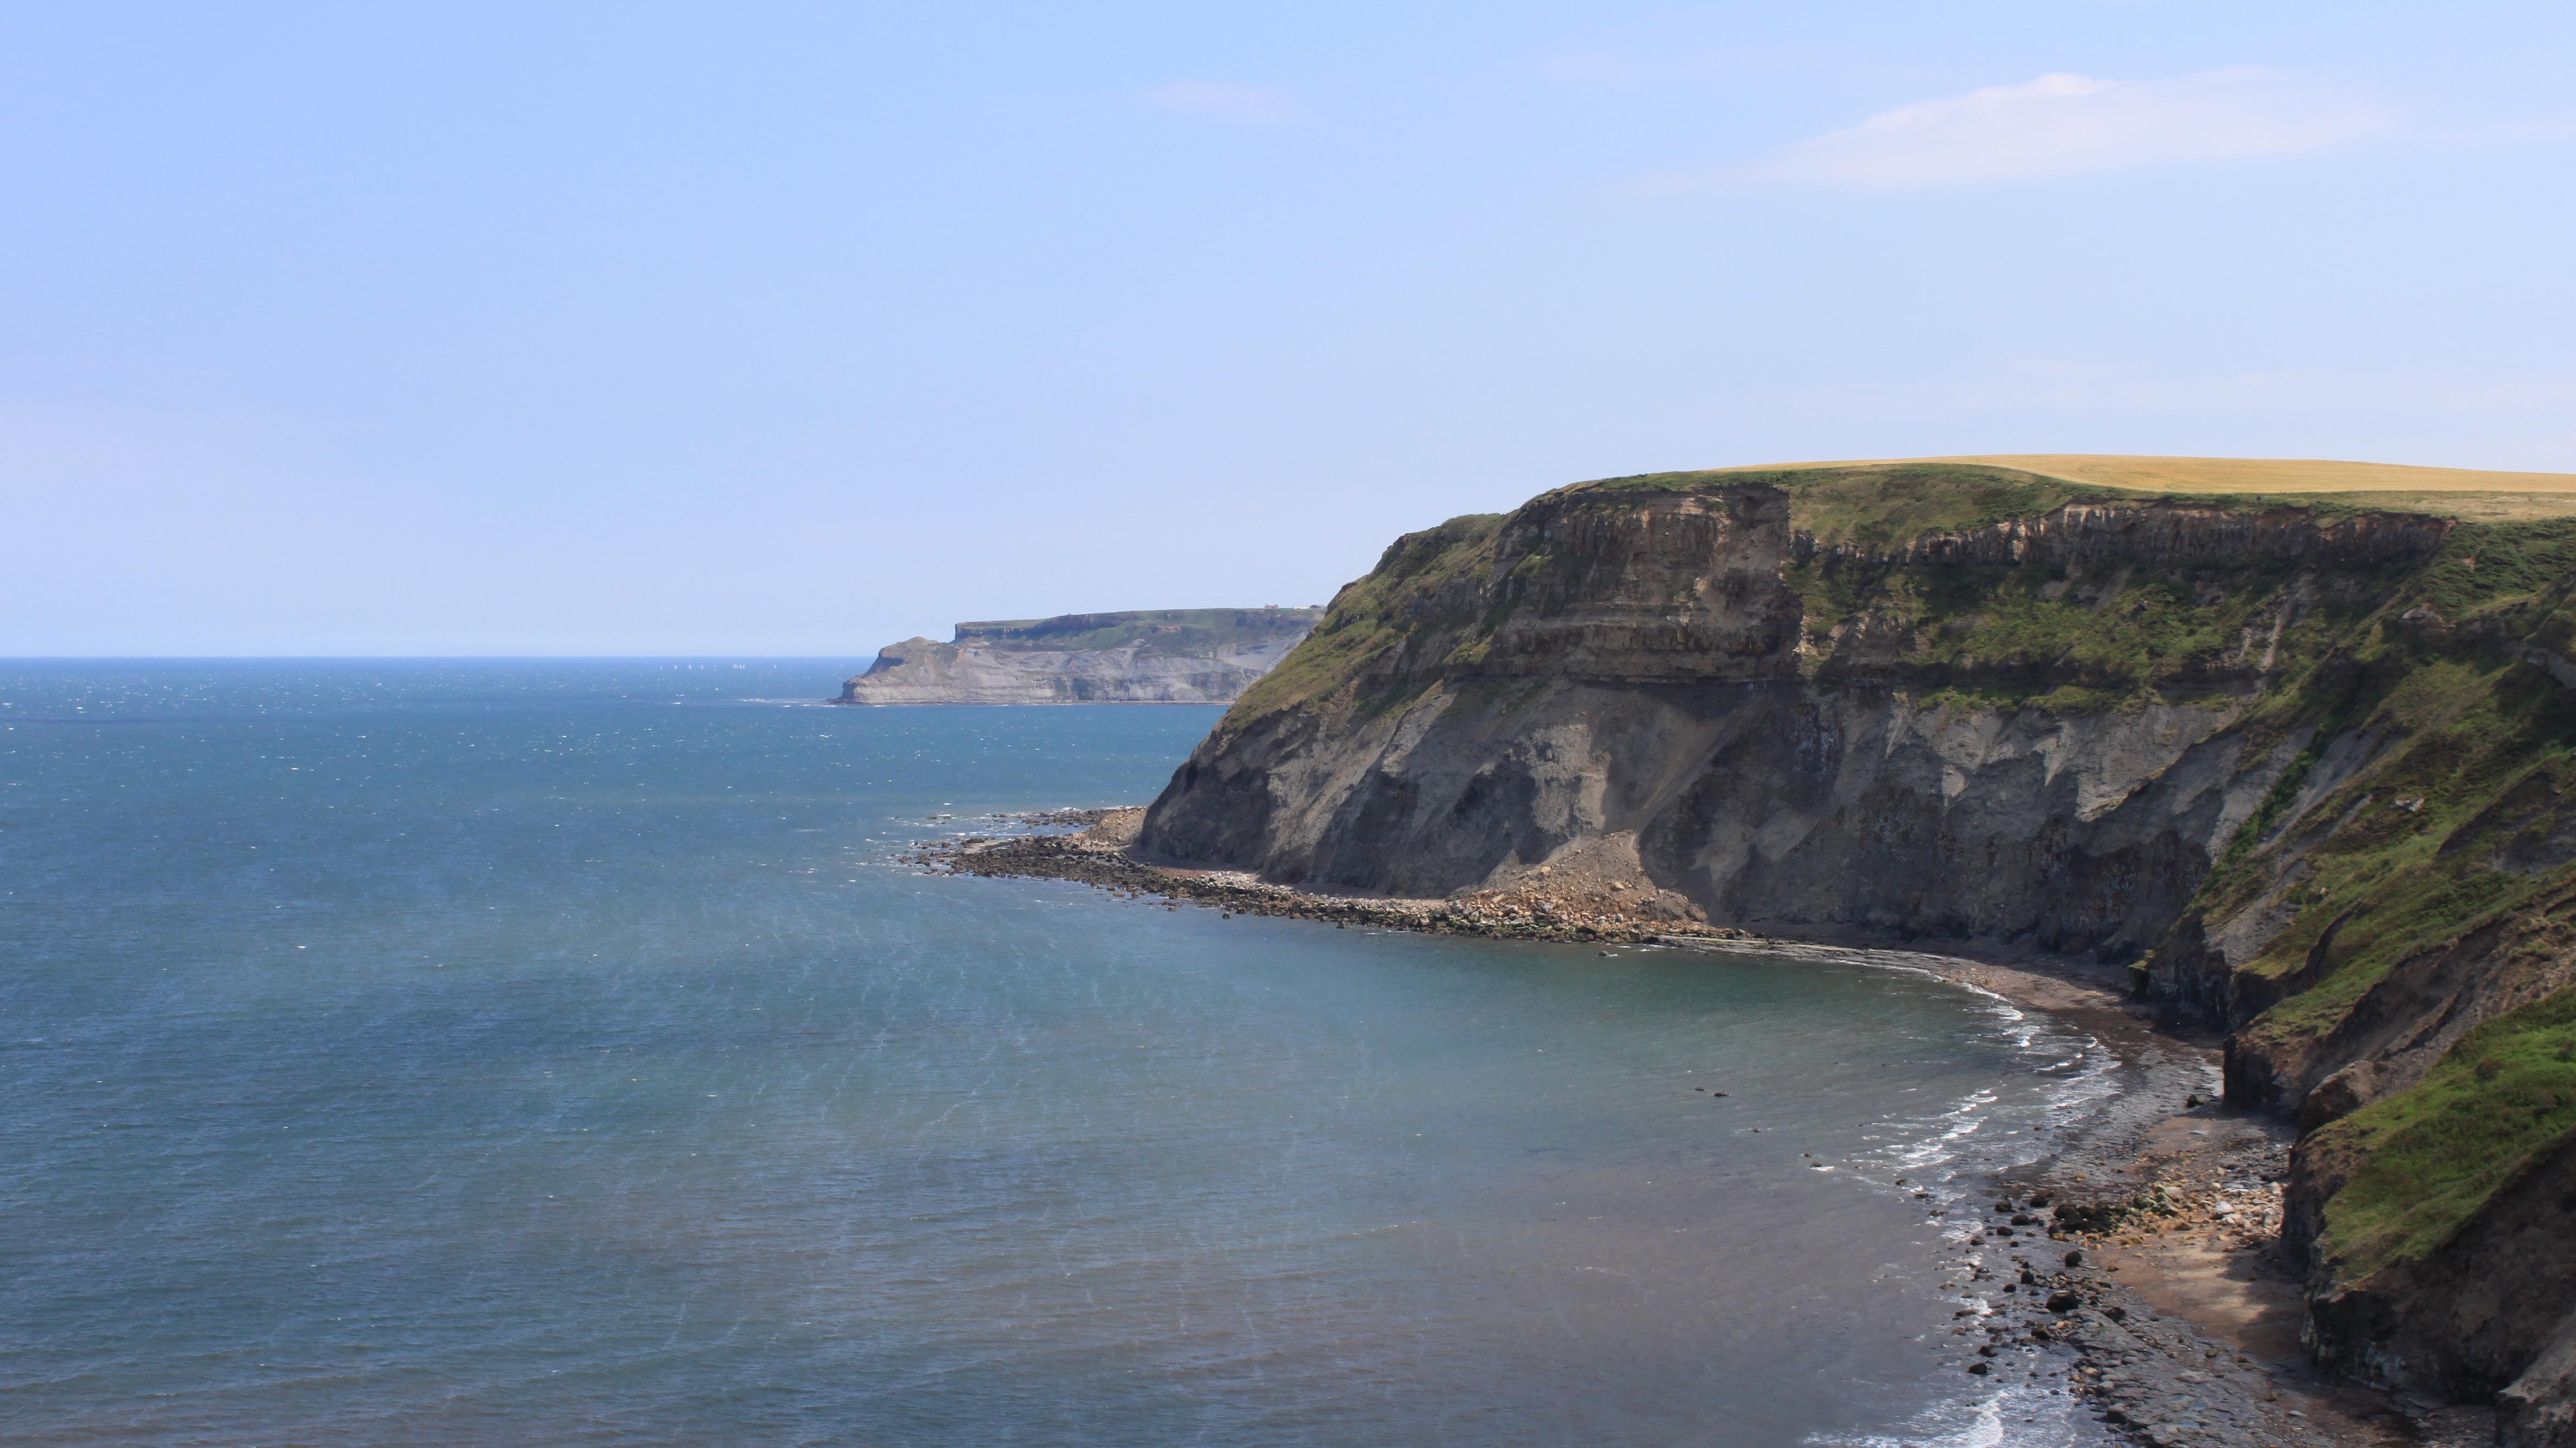 Heritage Coast - 40 minutes